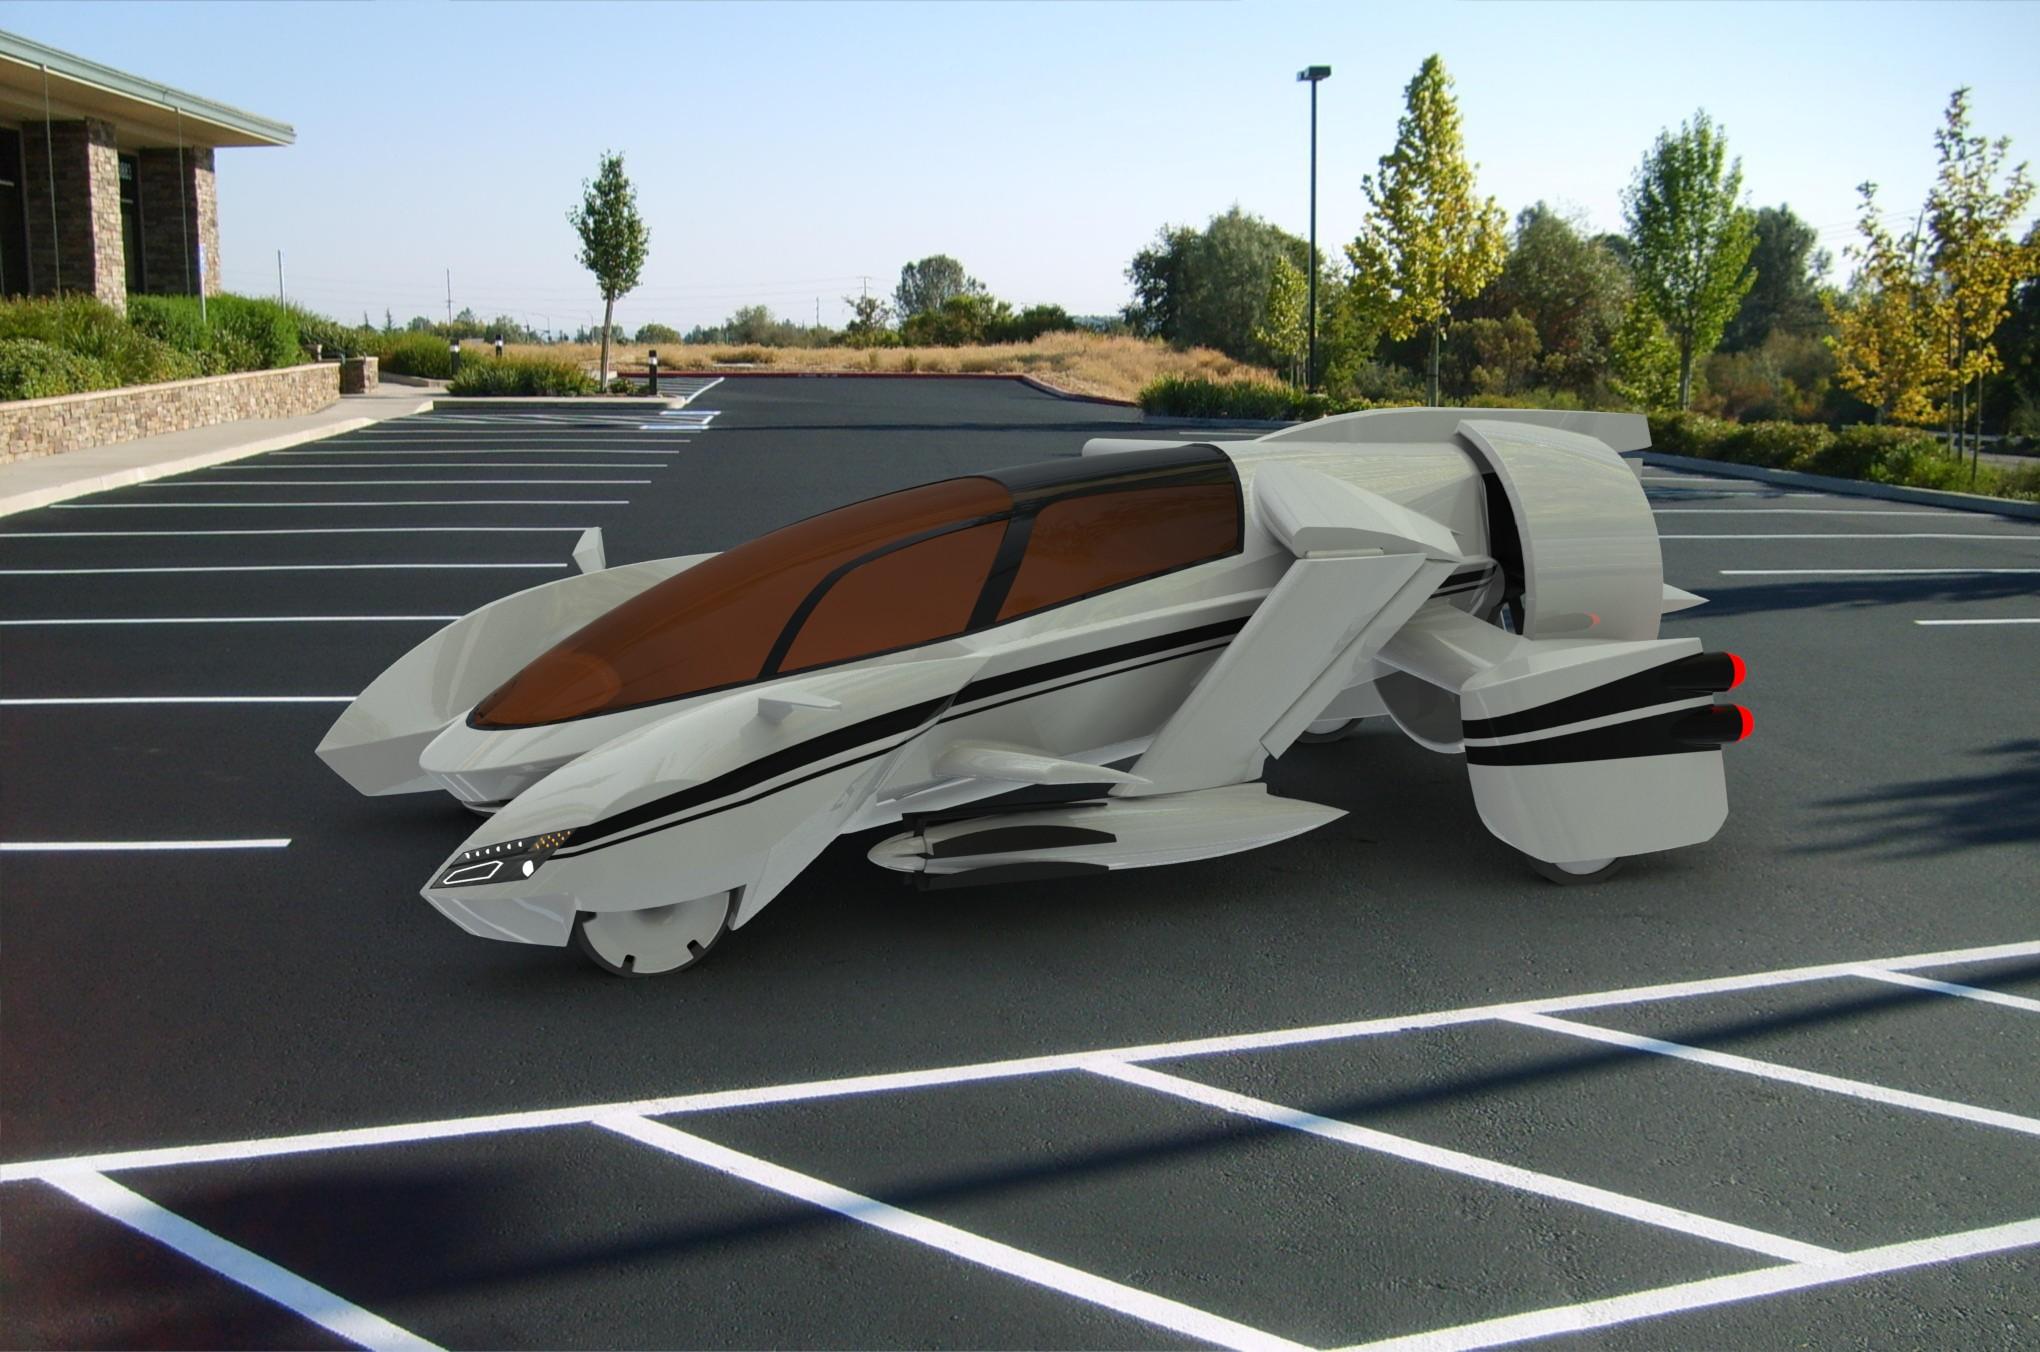 2014年美国tf-x飞行汽车概念设计挑战参赛作品ave-concept